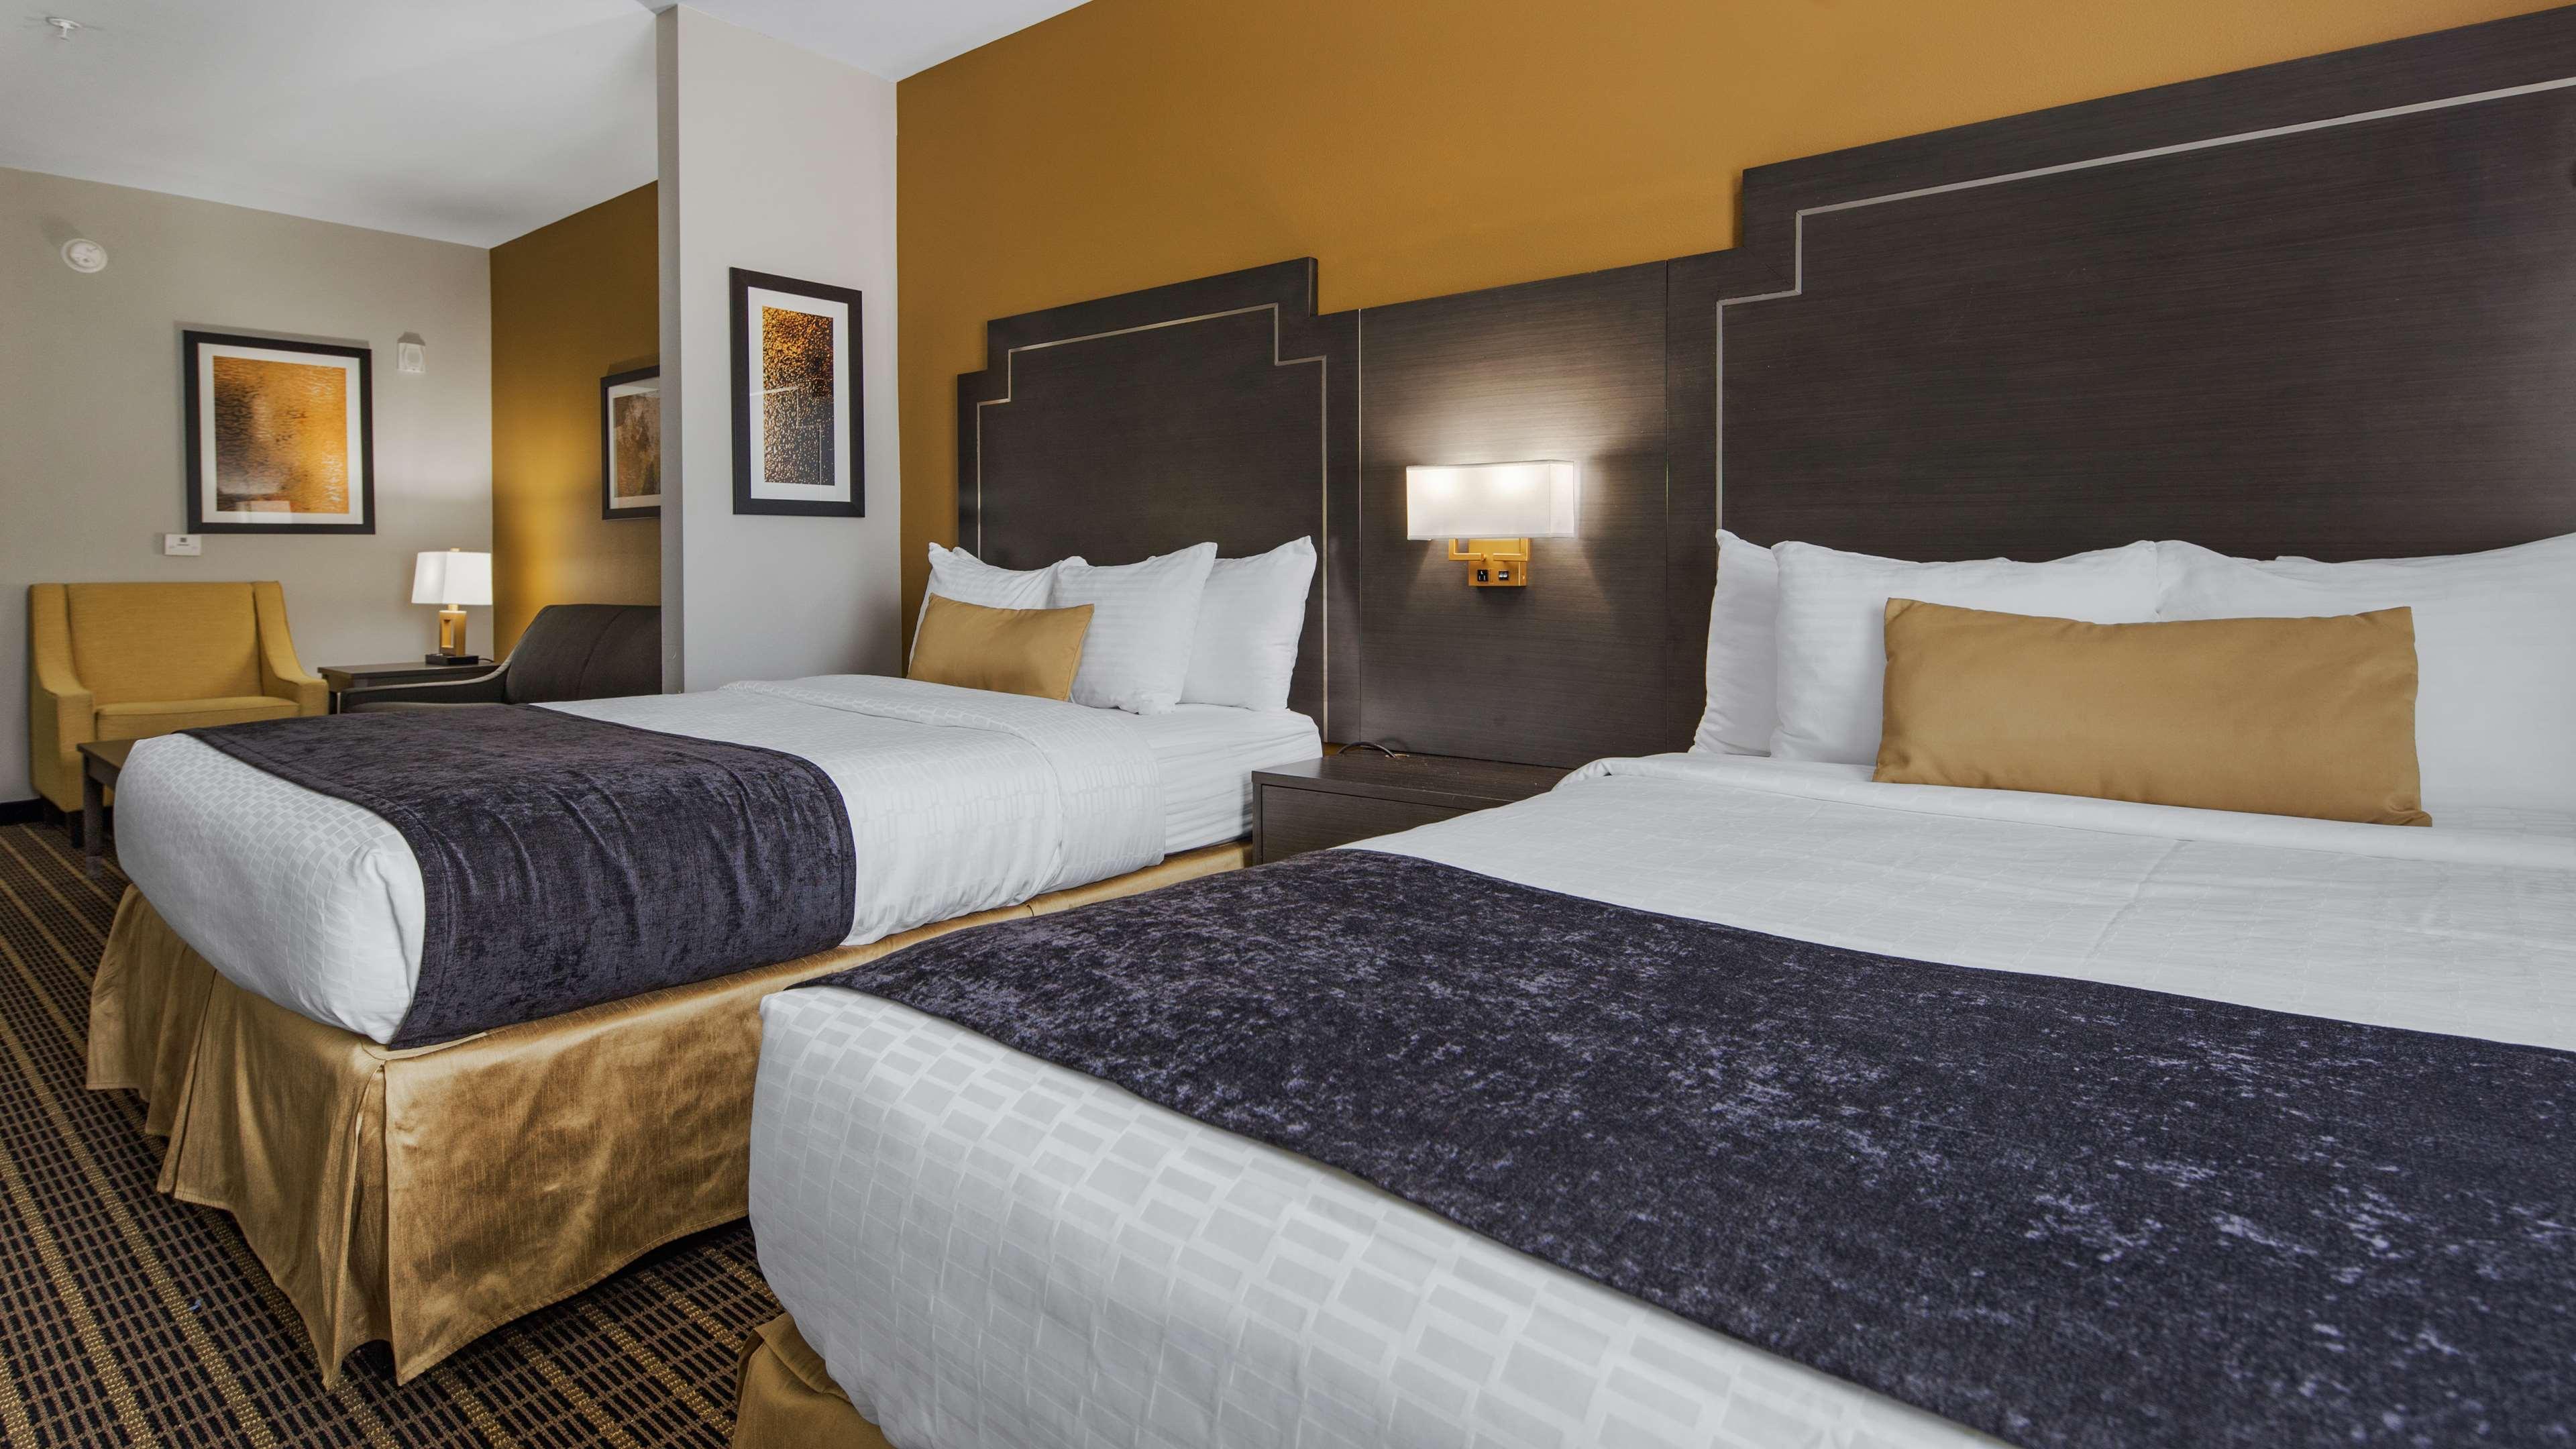 Best Western Plus Regency Park Hotel image 44